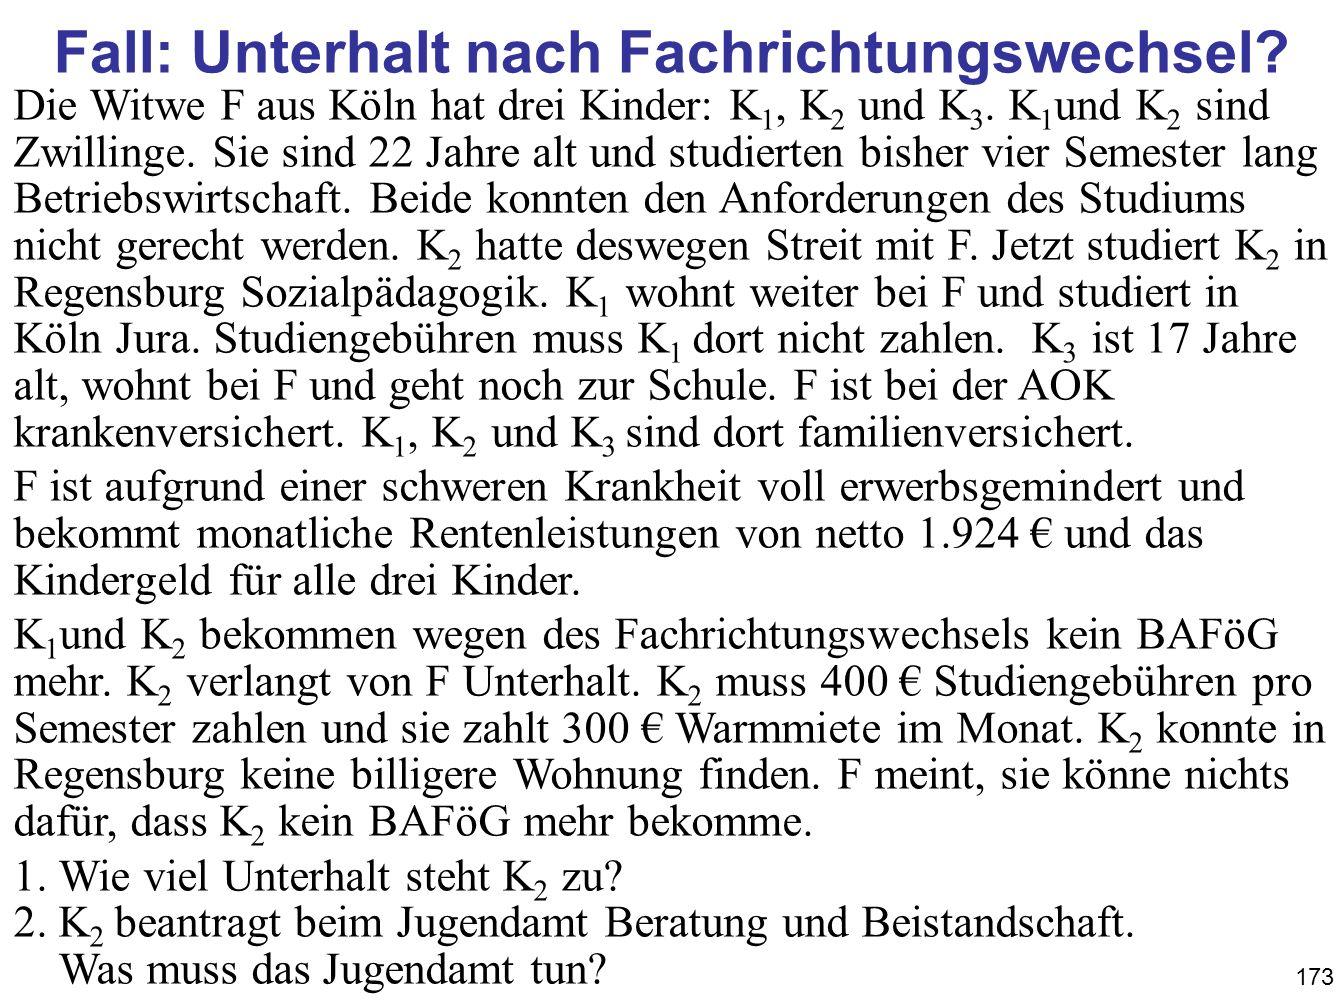 173 Fall: Unterhalt nach Fachrichtungswechsel? Die Witwe F aus Köln hat drei Kinder: K 1, K 2 und K 3. K 1 und K 2 sind Zwillinge. Sie sind 22 Jahre a